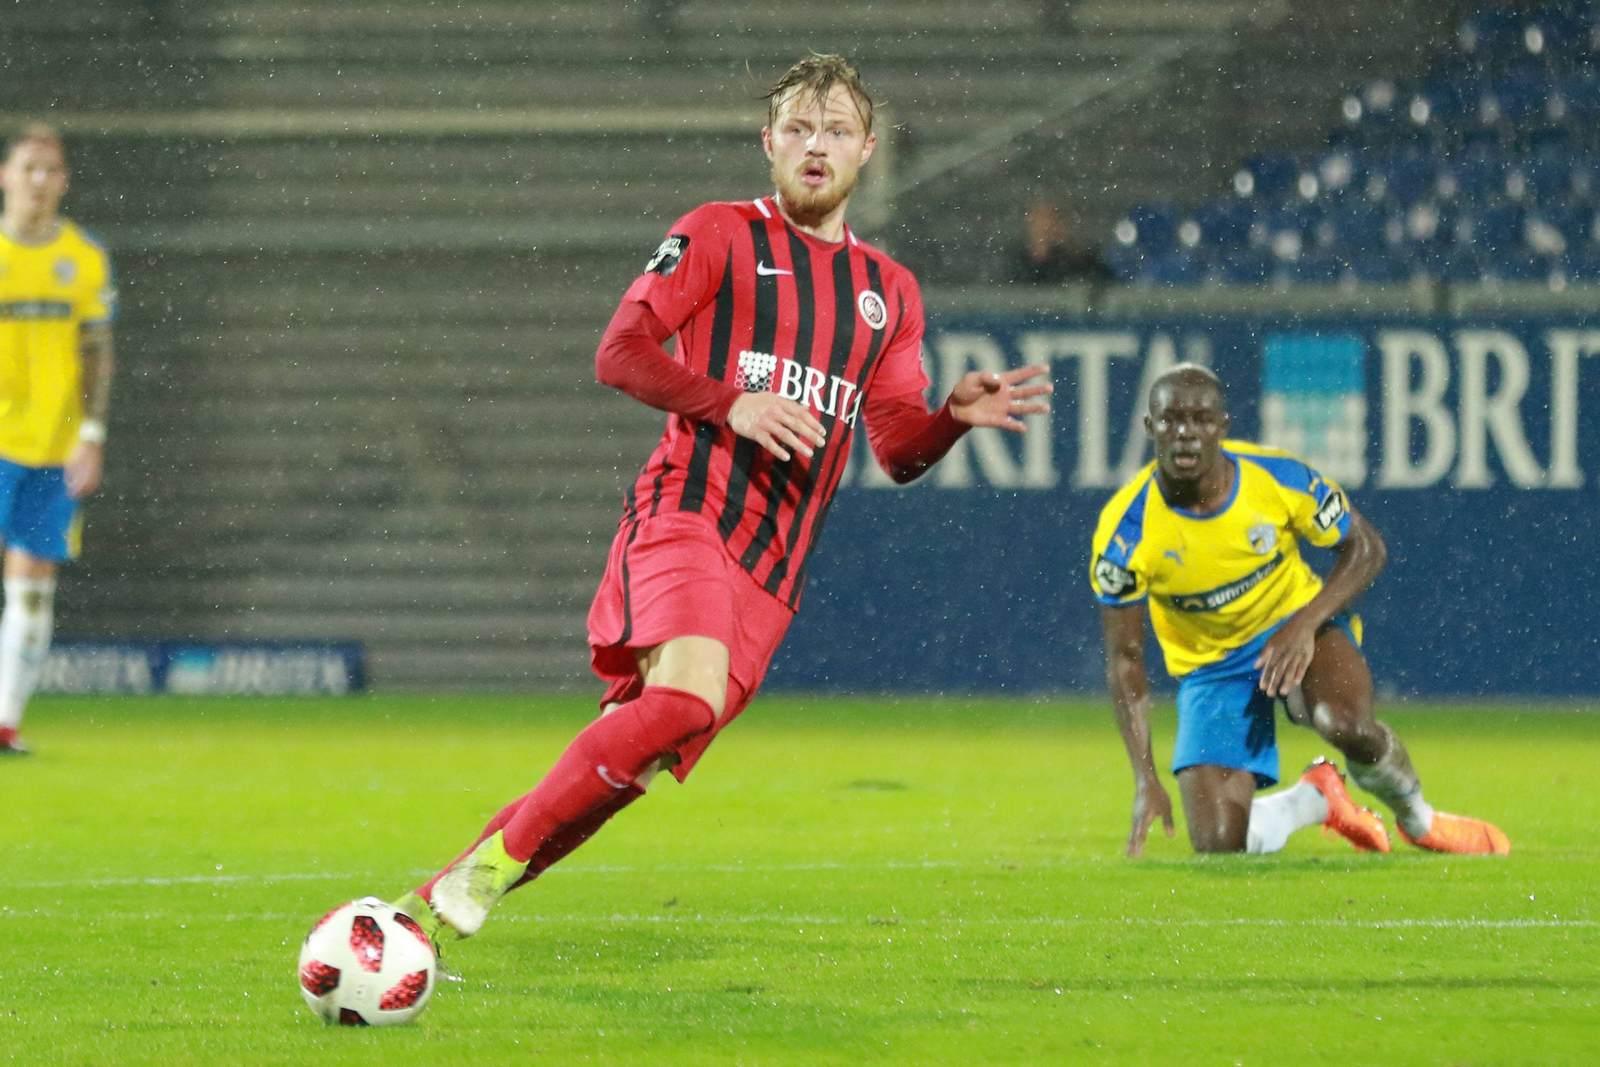 Marcel Titsch Rivero am Ball für den SV Wehen Wiesbaden